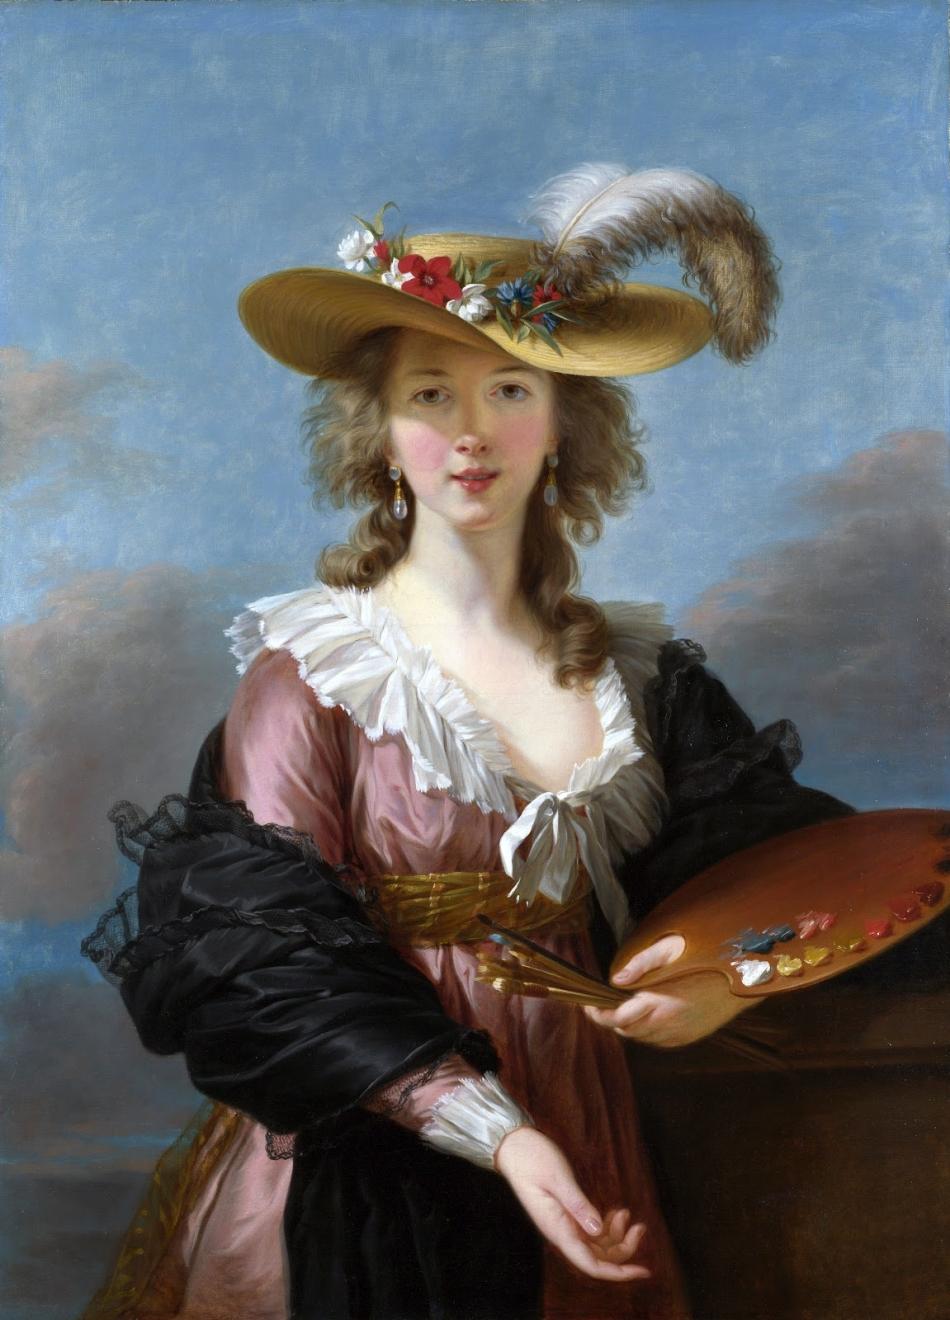 Obra de Élisabeth Louise Vigée Le Brun